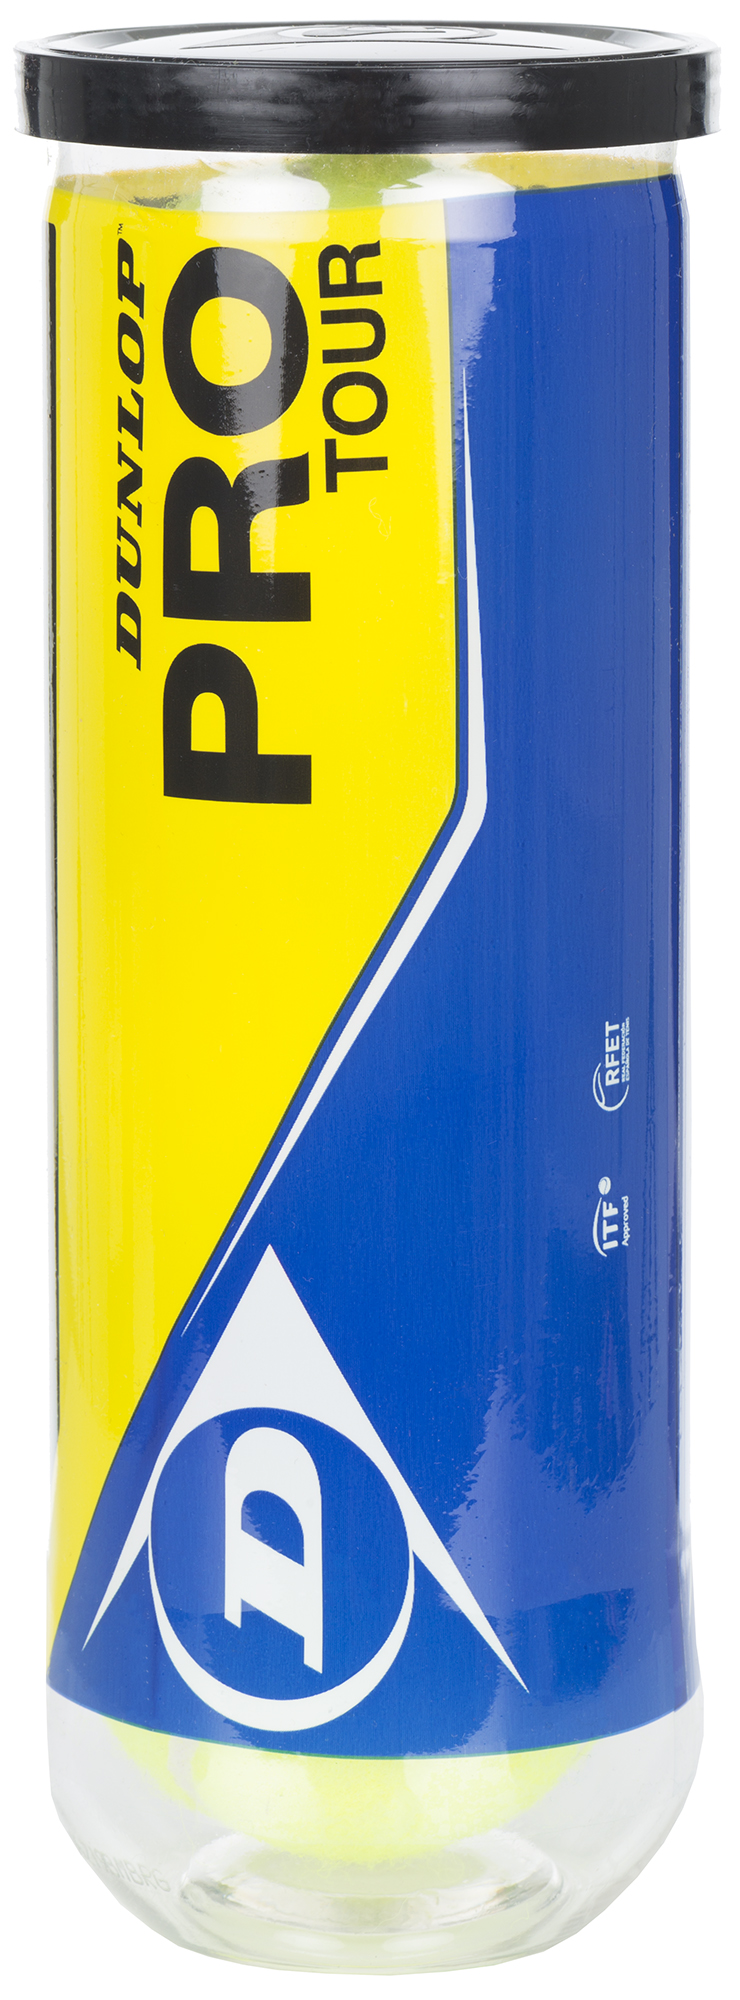 Dunlop Набор теннисных мячей Dunlop Pro Tour, 3 шт поясничный отруб 1 3 стриплойн в вакуумной упаковке заречное